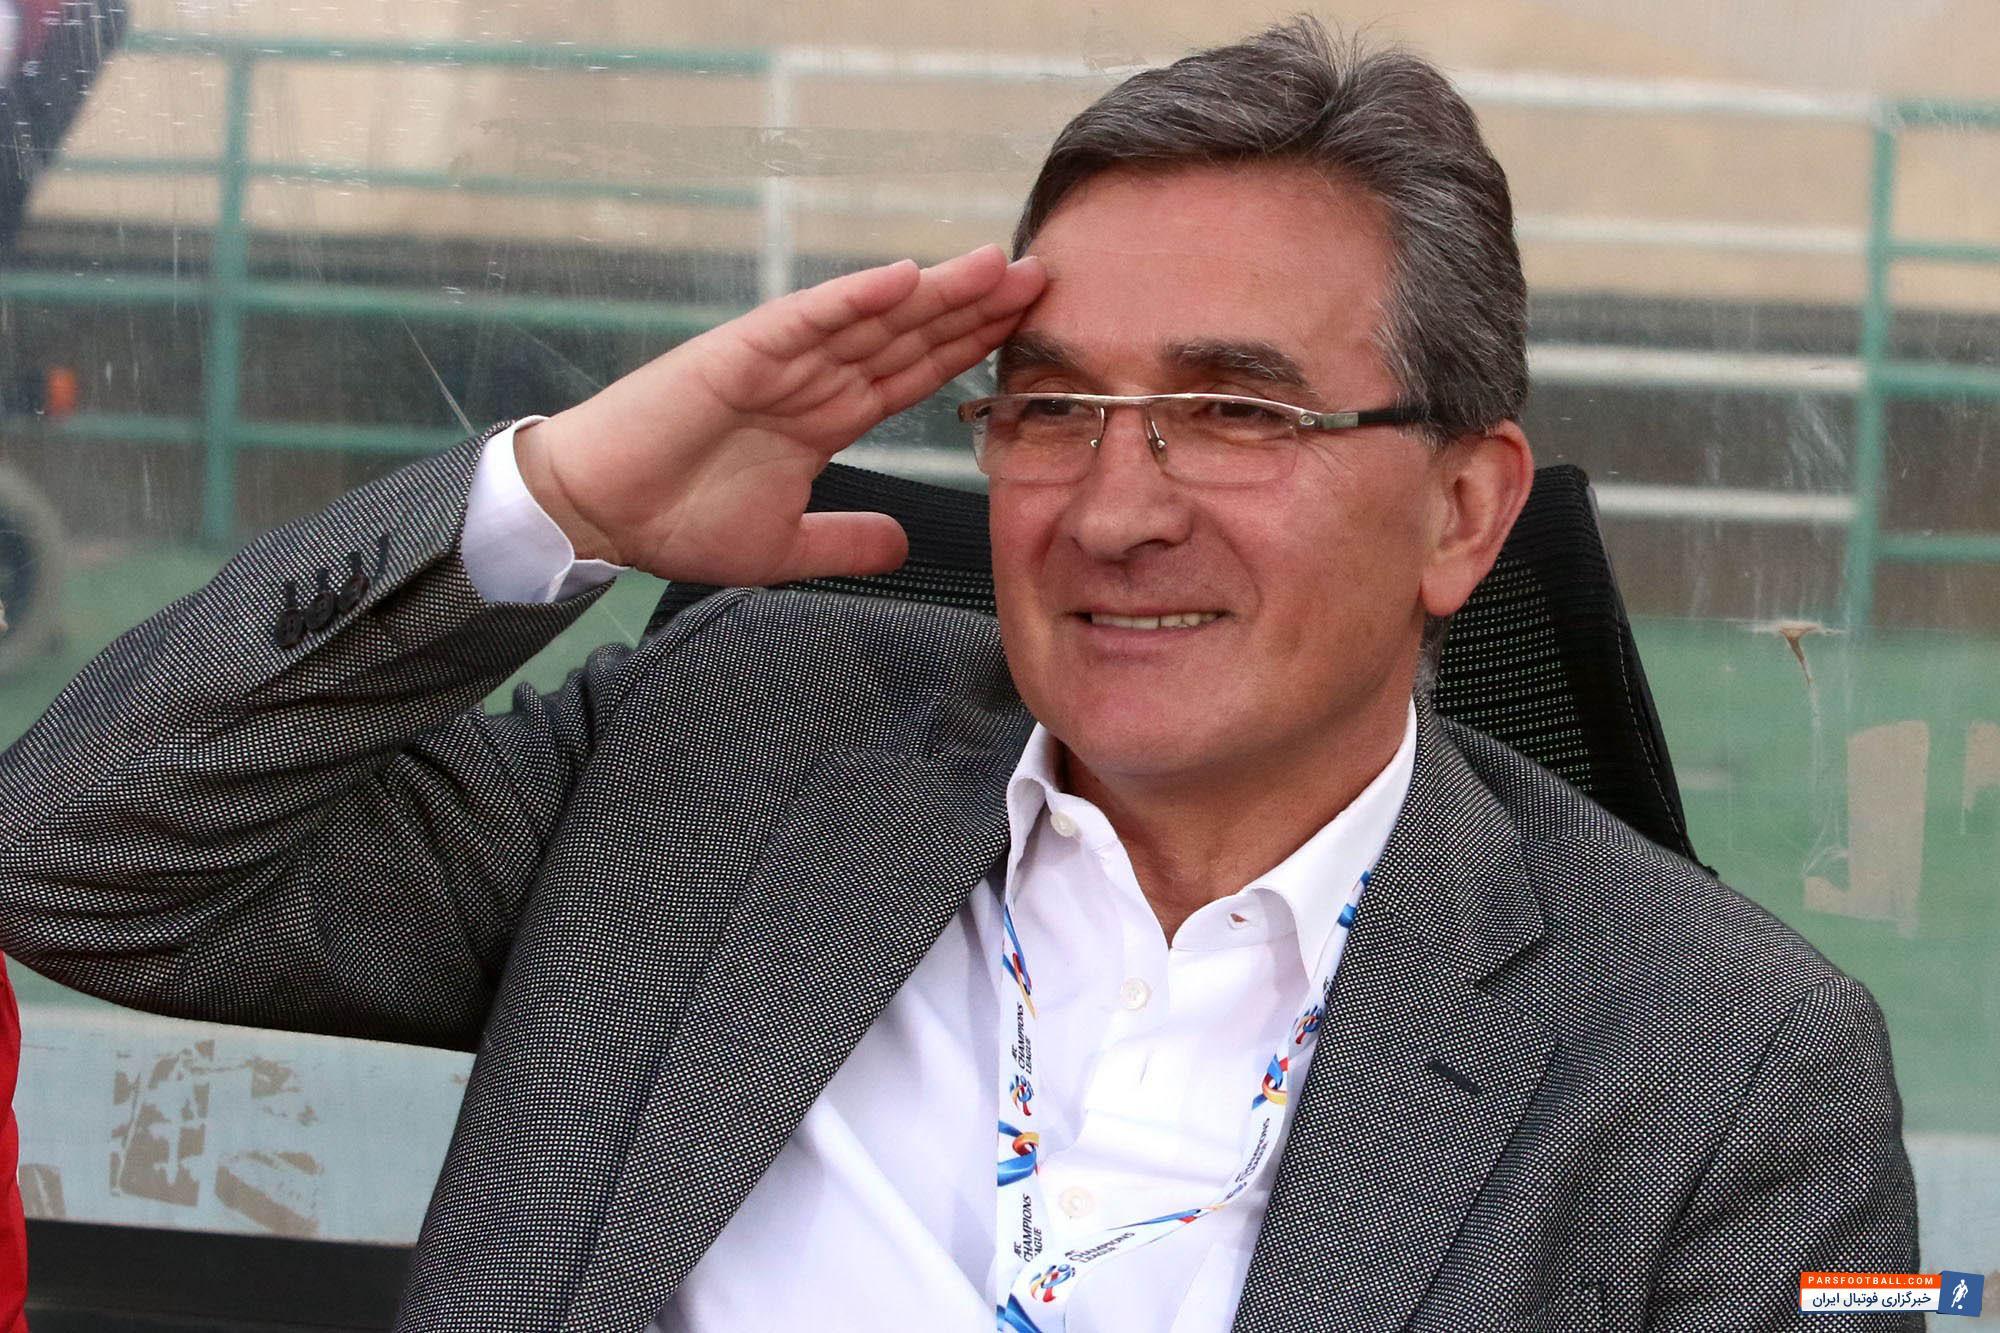 برانکو اعلام کرد دیگر نیازی به همکاری با مترجم فعلیاش ندارد ؛ پارس فوتبال